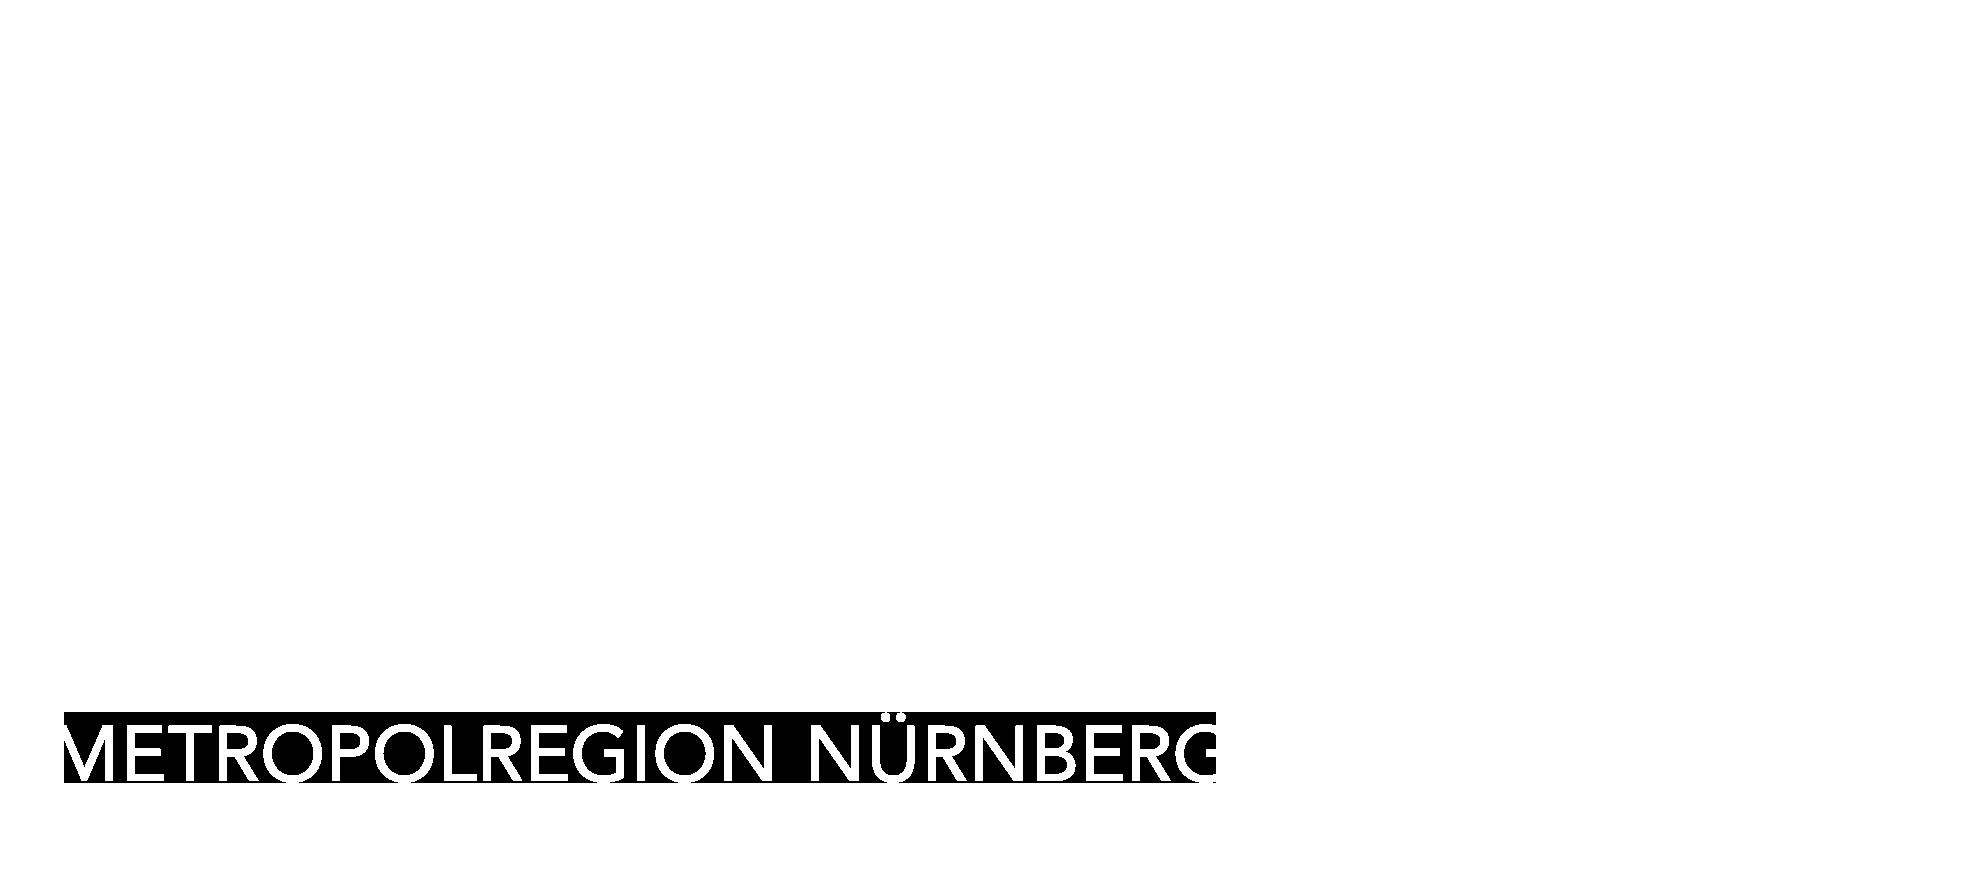 Zamhelfen, Nürnberg!